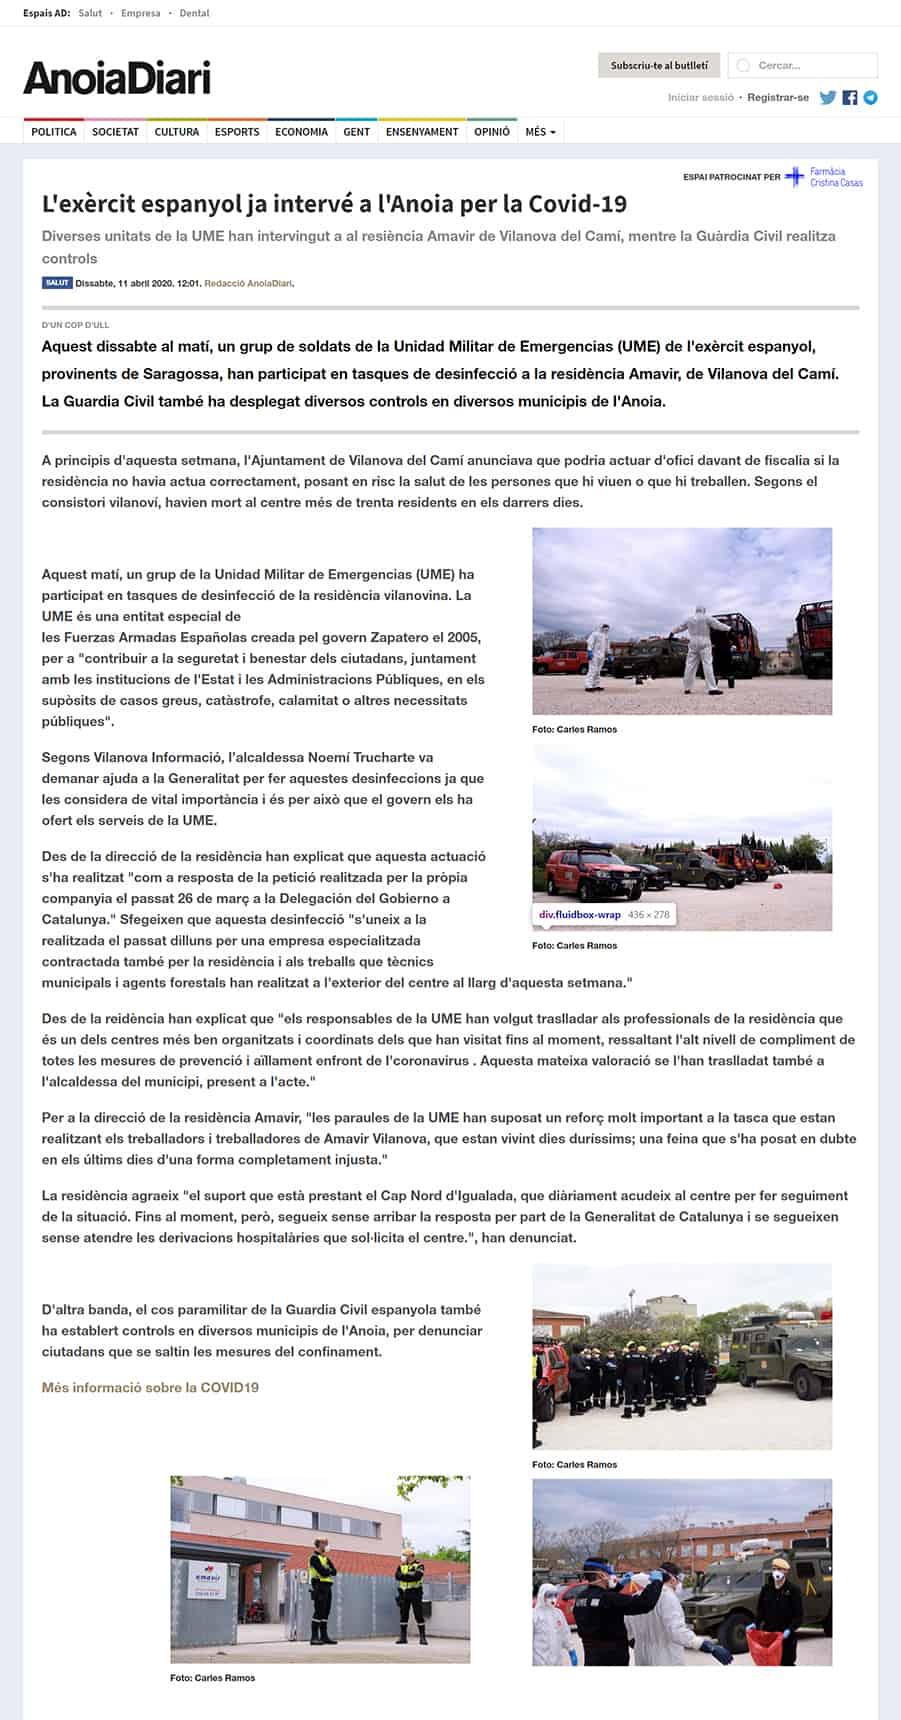 200411- Anoiadiari - Exercit-espanyol-ja-interve-anoia-covid@0,5x